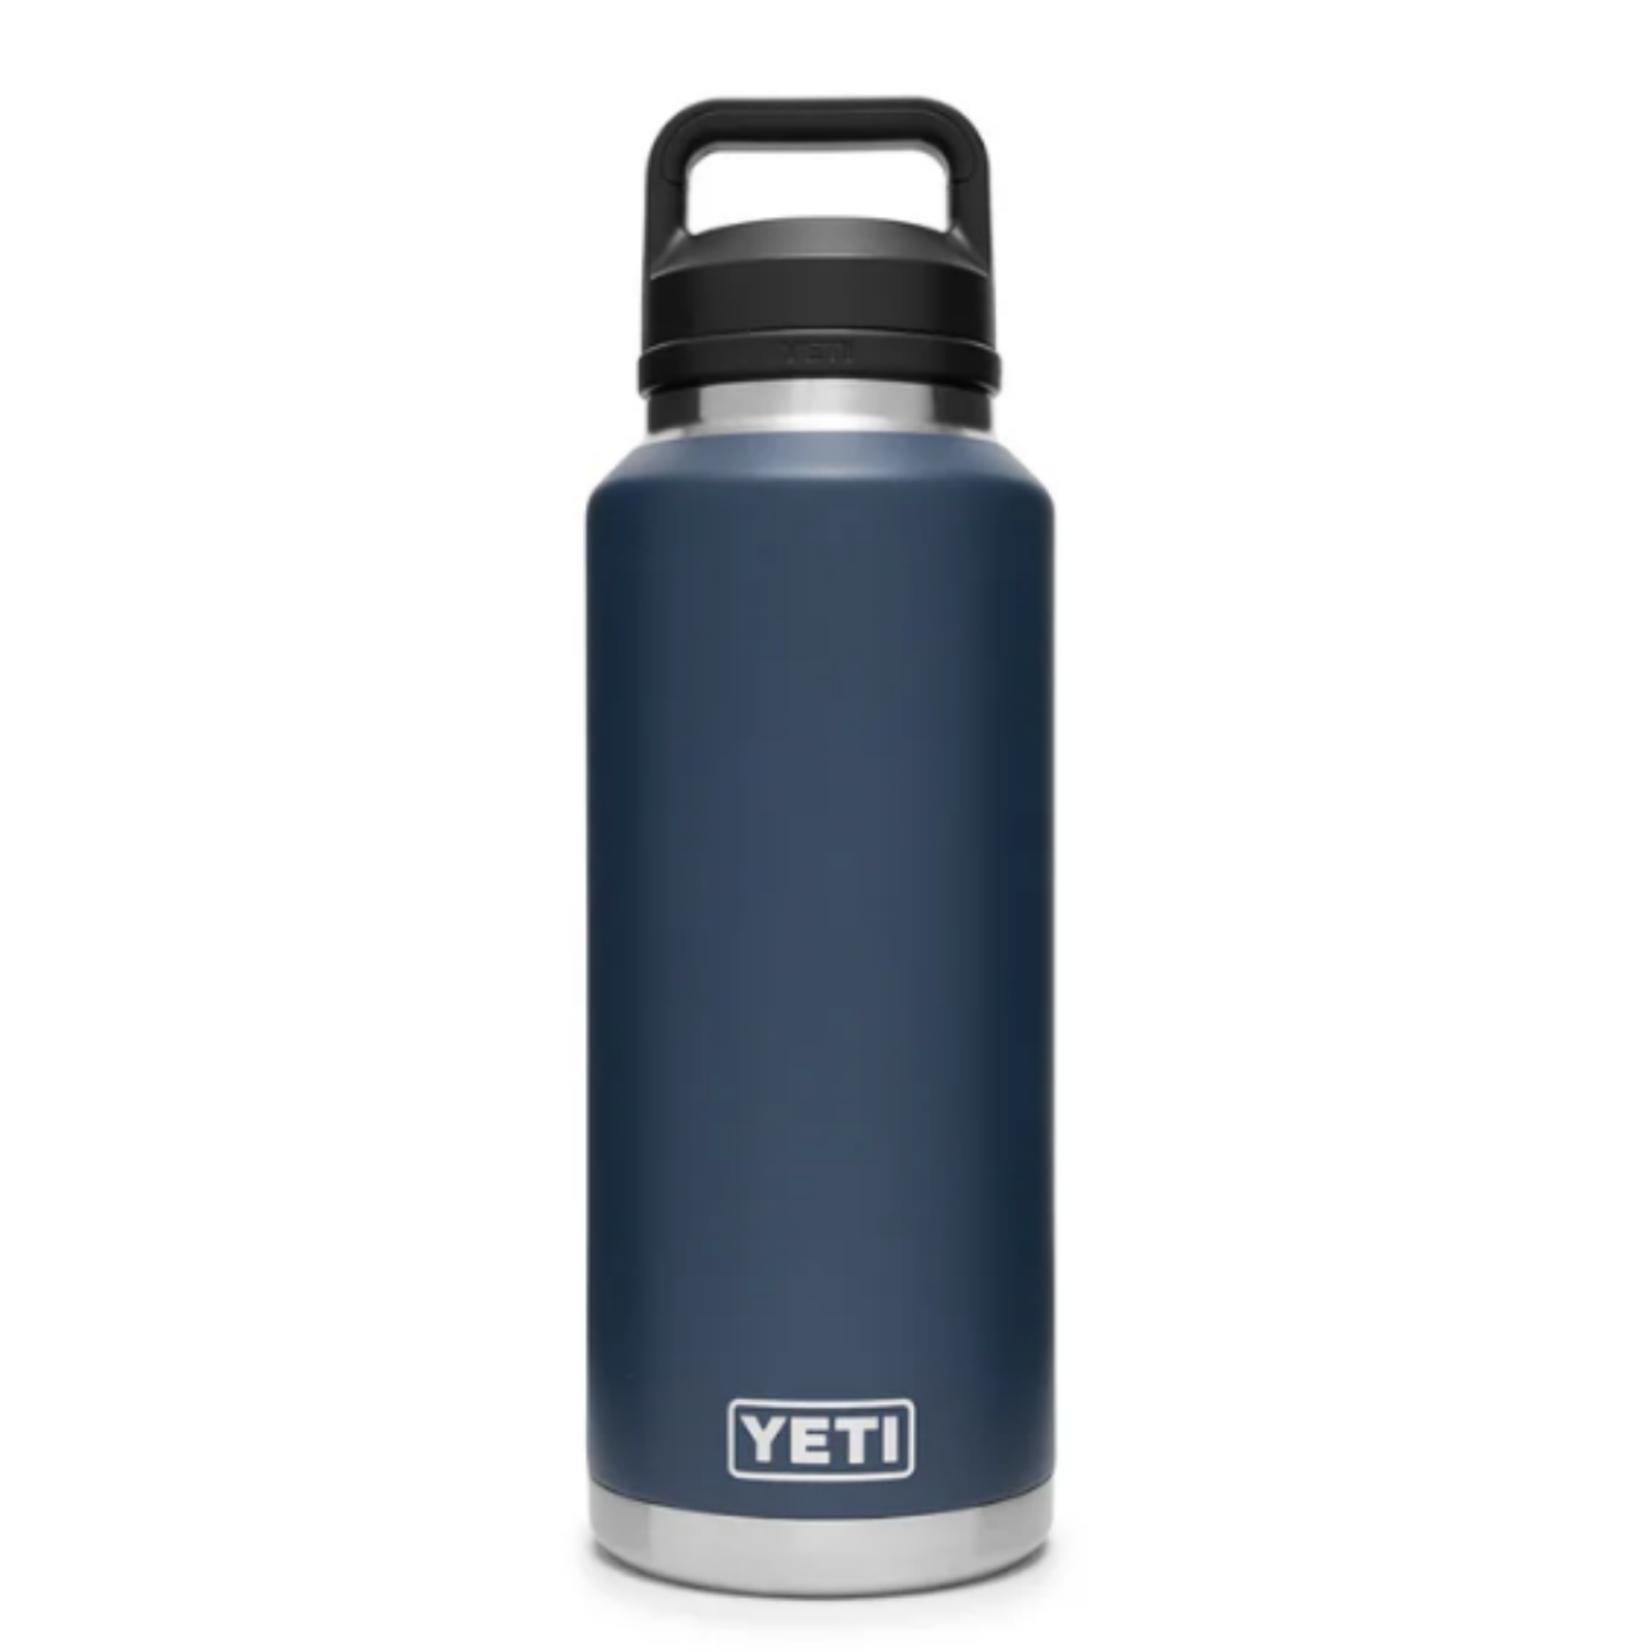 YETI Rambler 46 oz Bottle w/Chug Cap